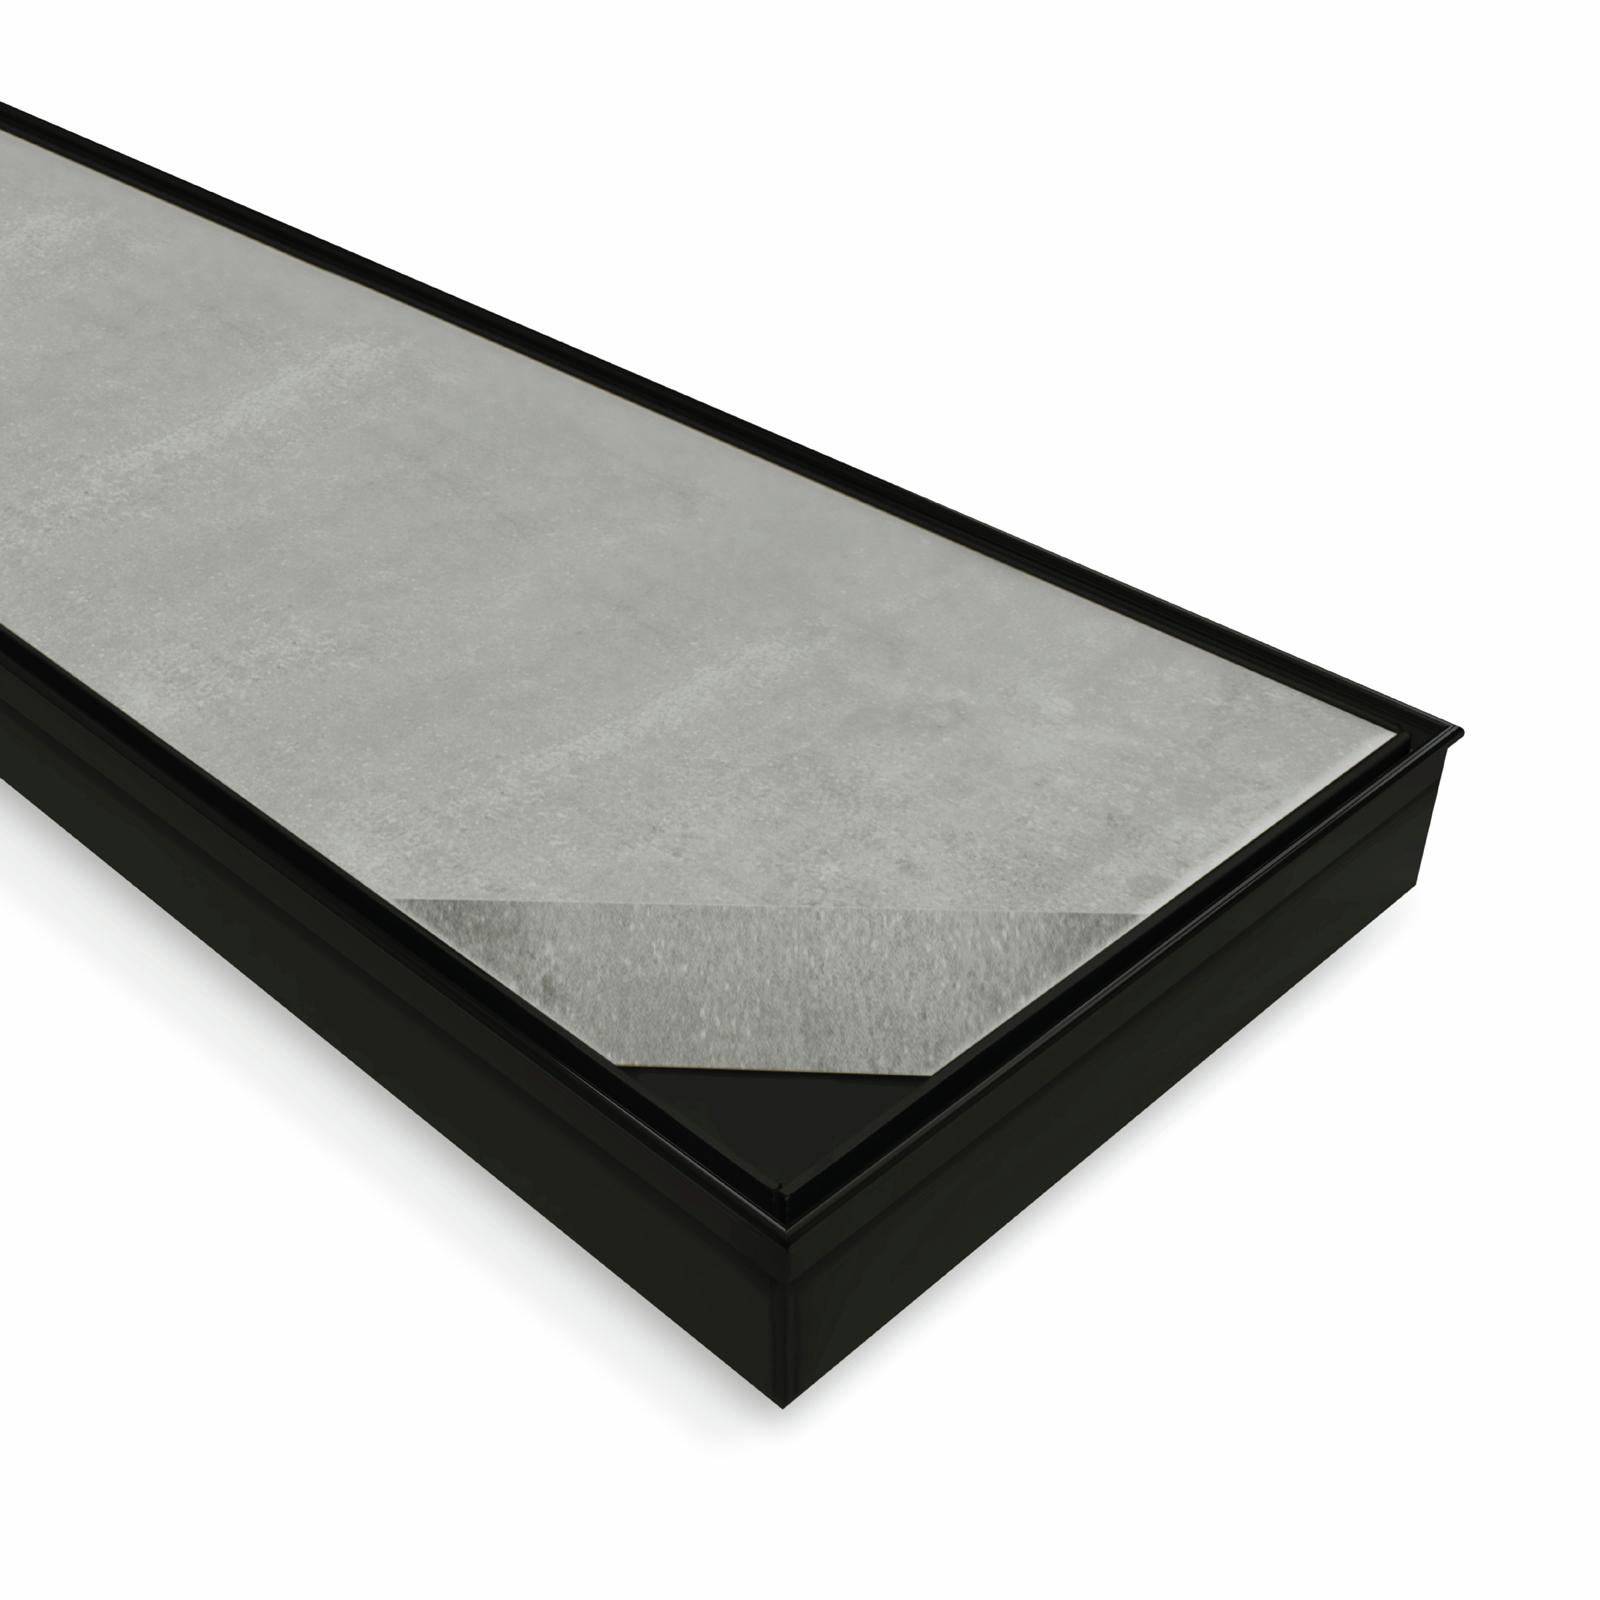 Black Satin Stainless Steel – Tile Insert 1000×100 Floor Waste